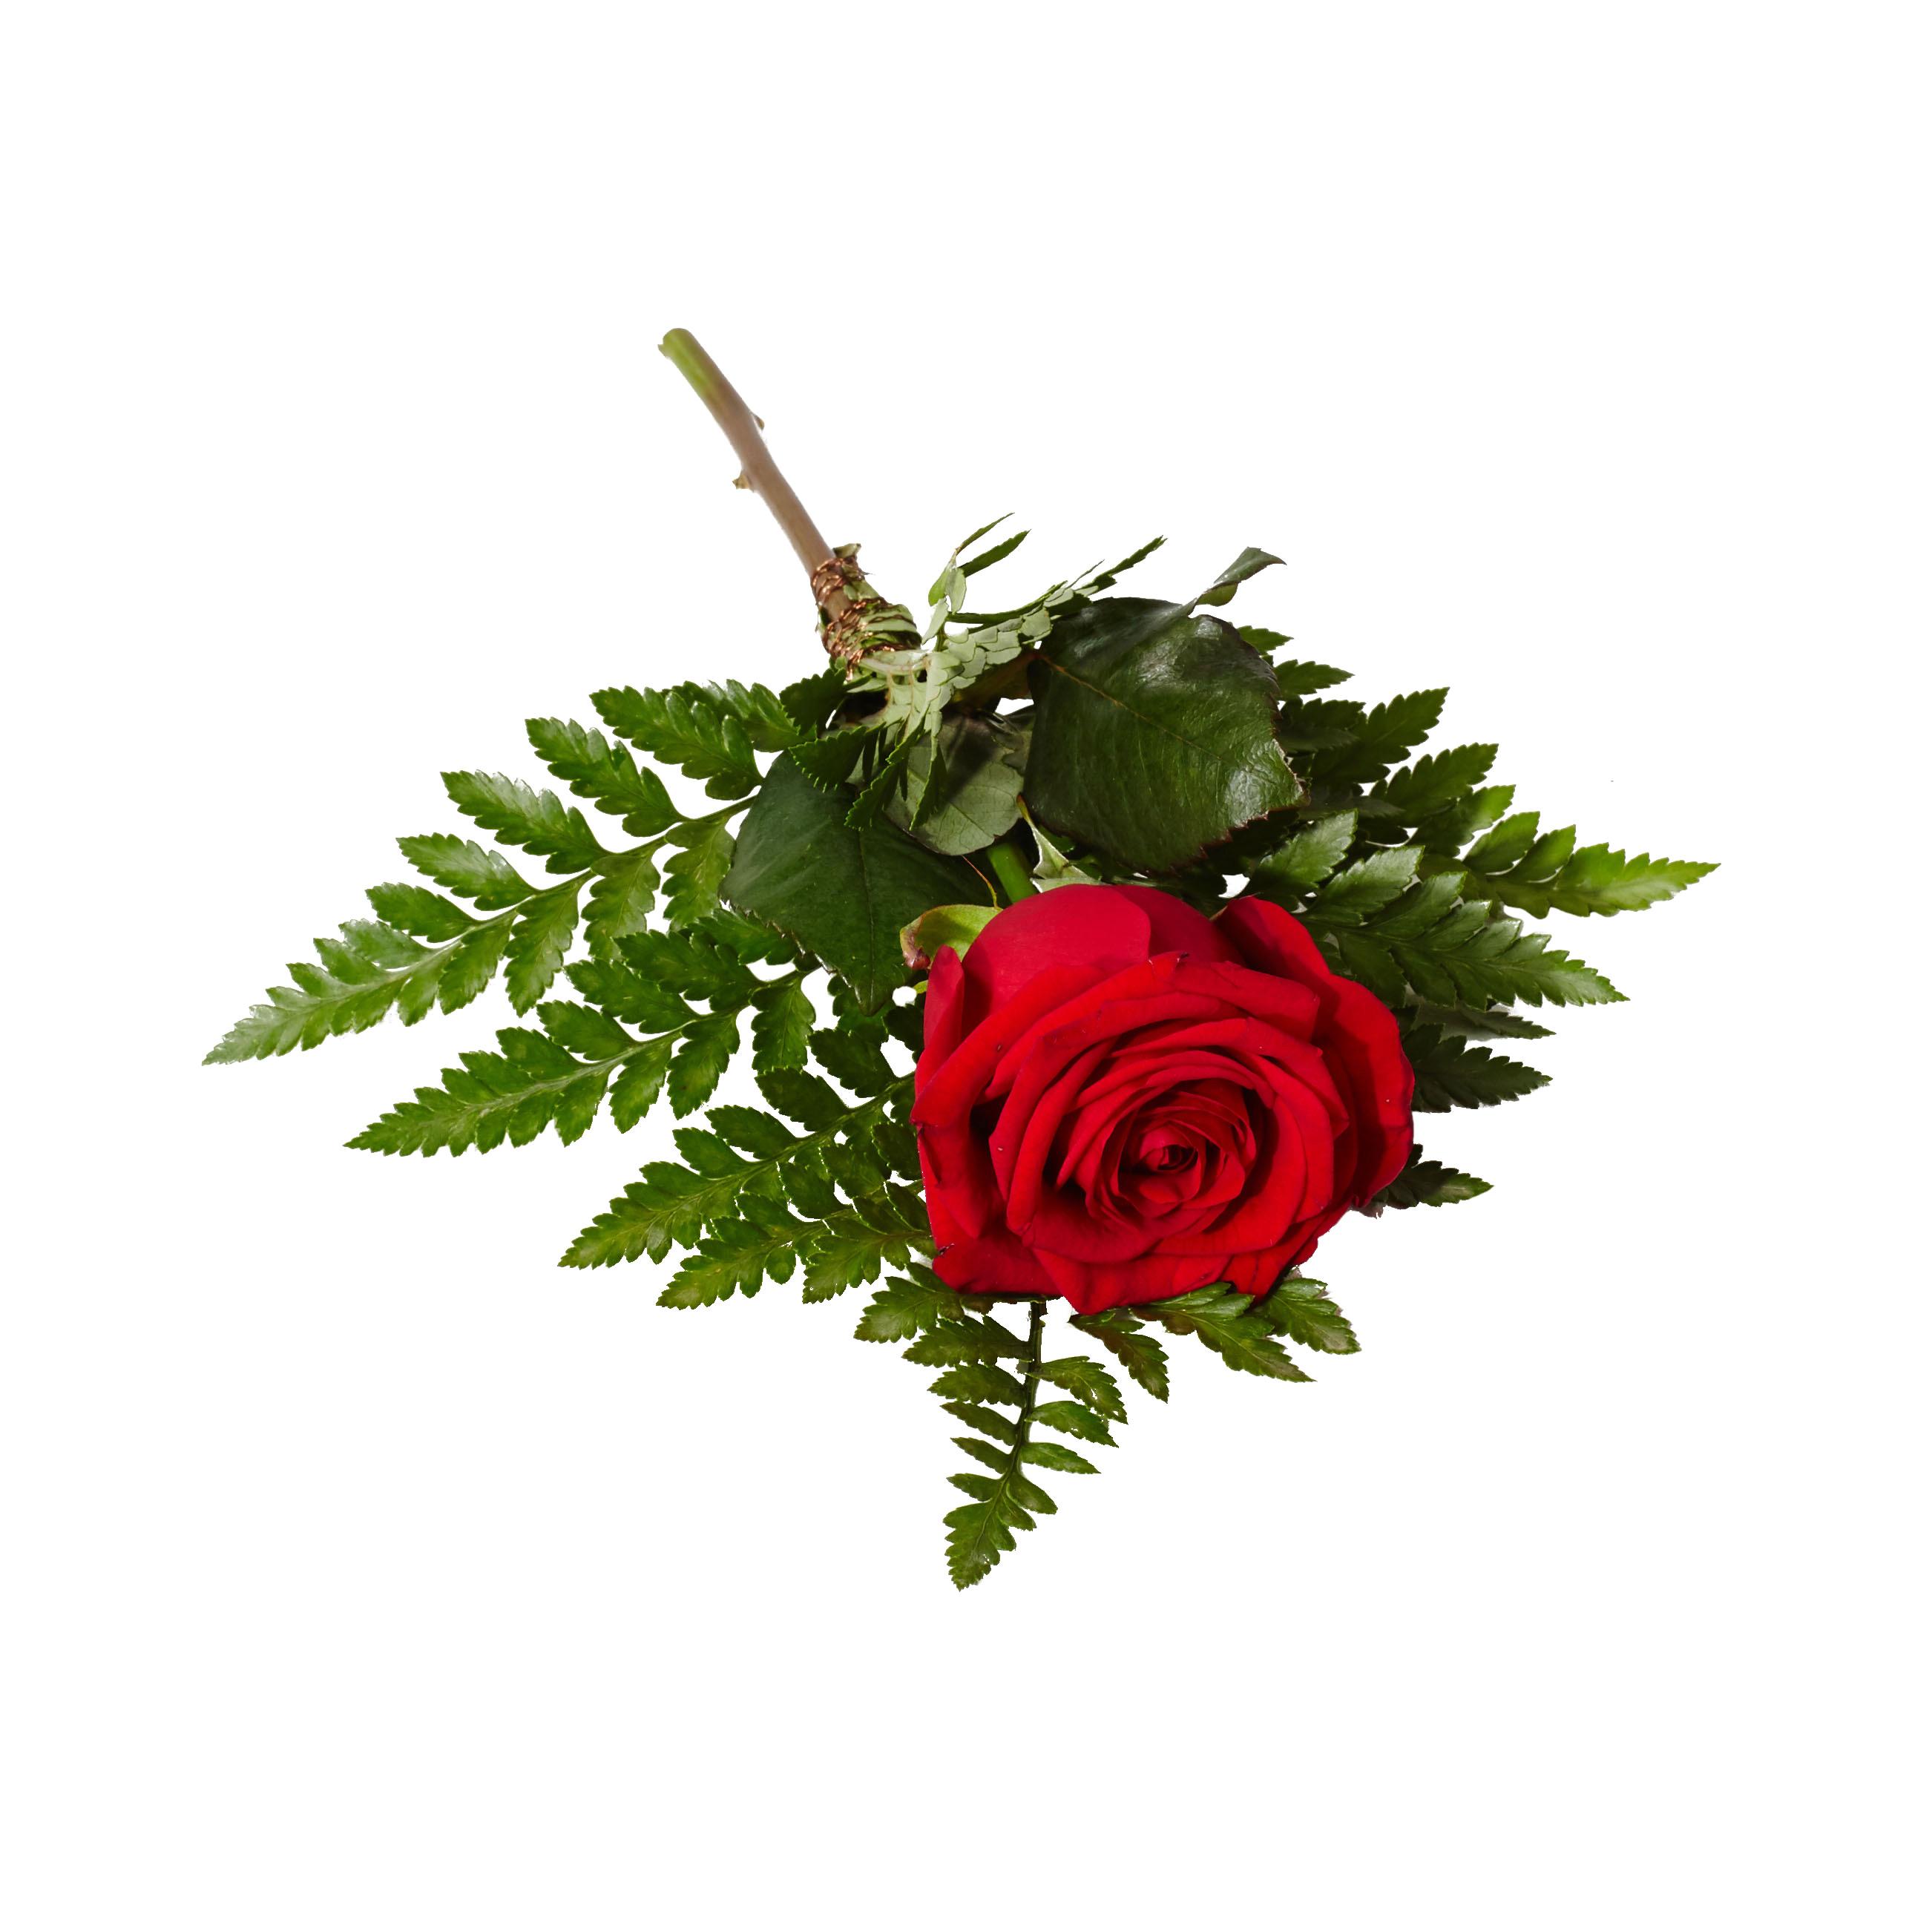 Klassisk handblomma bestående av röd ros med ett läderblad liggandes på en vit bakgrund,Blomman används som en handbukett och är även en begravningsblomma.